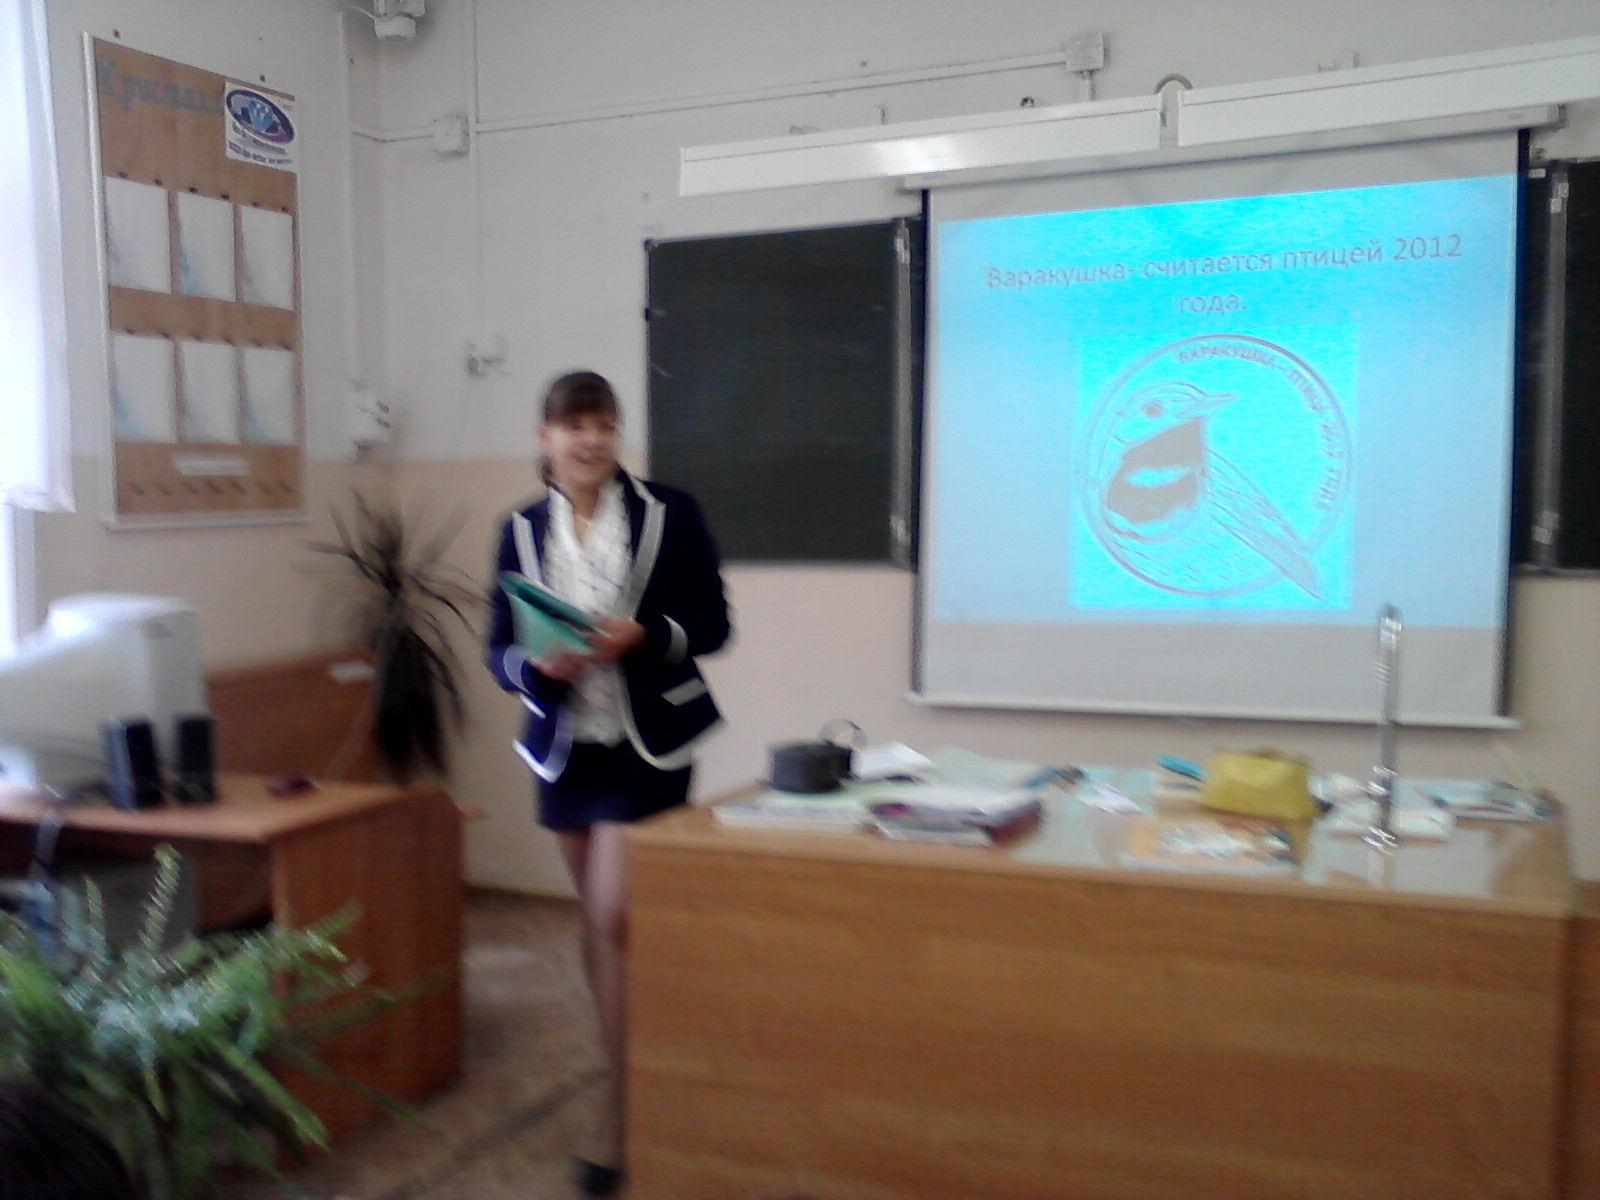 I:\Фото с открытого урока Москалик\P051012_1037.jpg